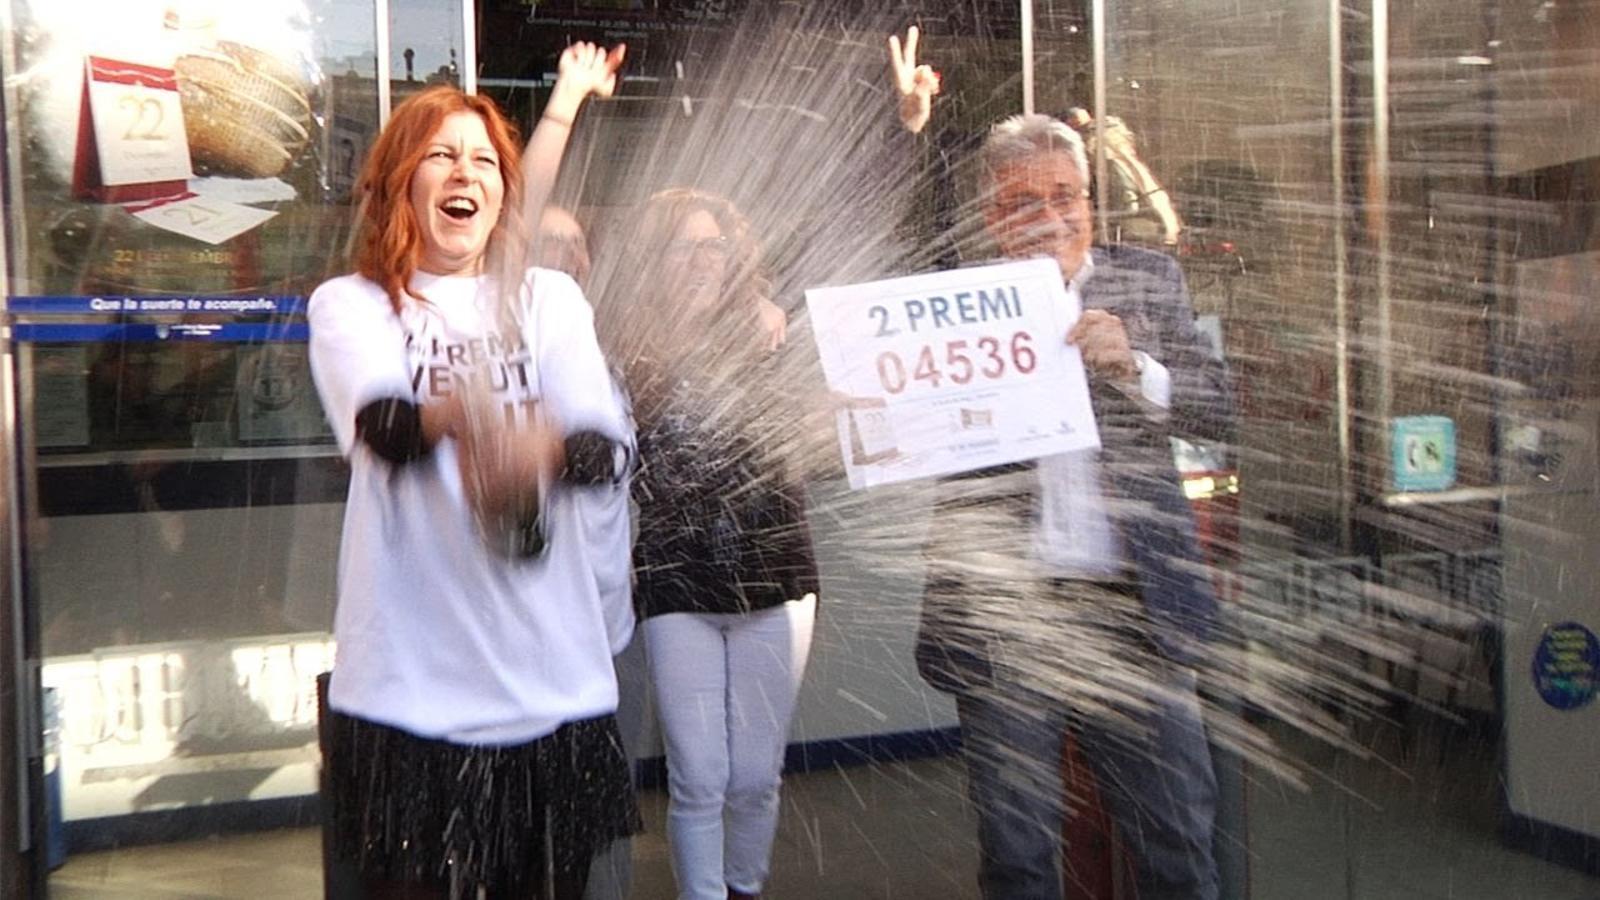 L'administració La Bruixa de Drap de Barcelona celebra el segon premi sense cap agraciat